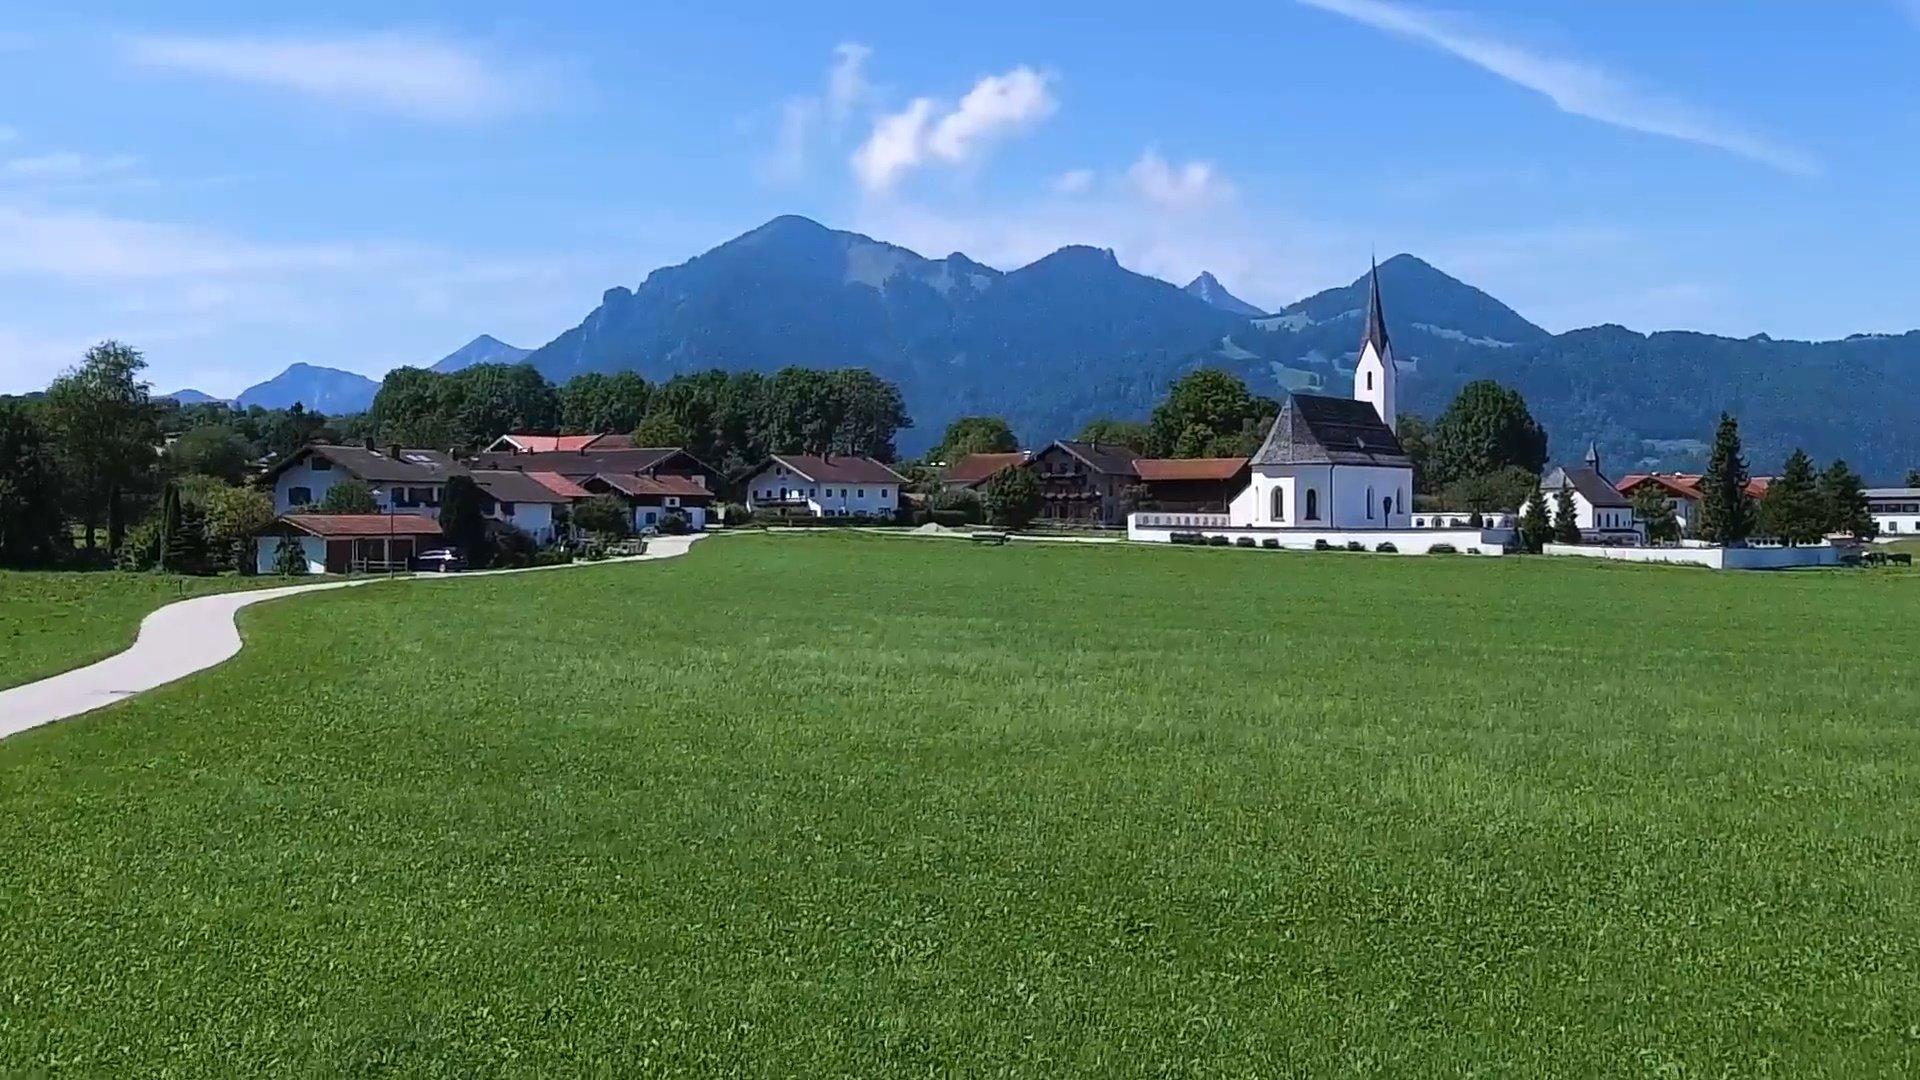 Staudach-Egerndach Chiemsee-Chiemgau Drohnenaufnahme